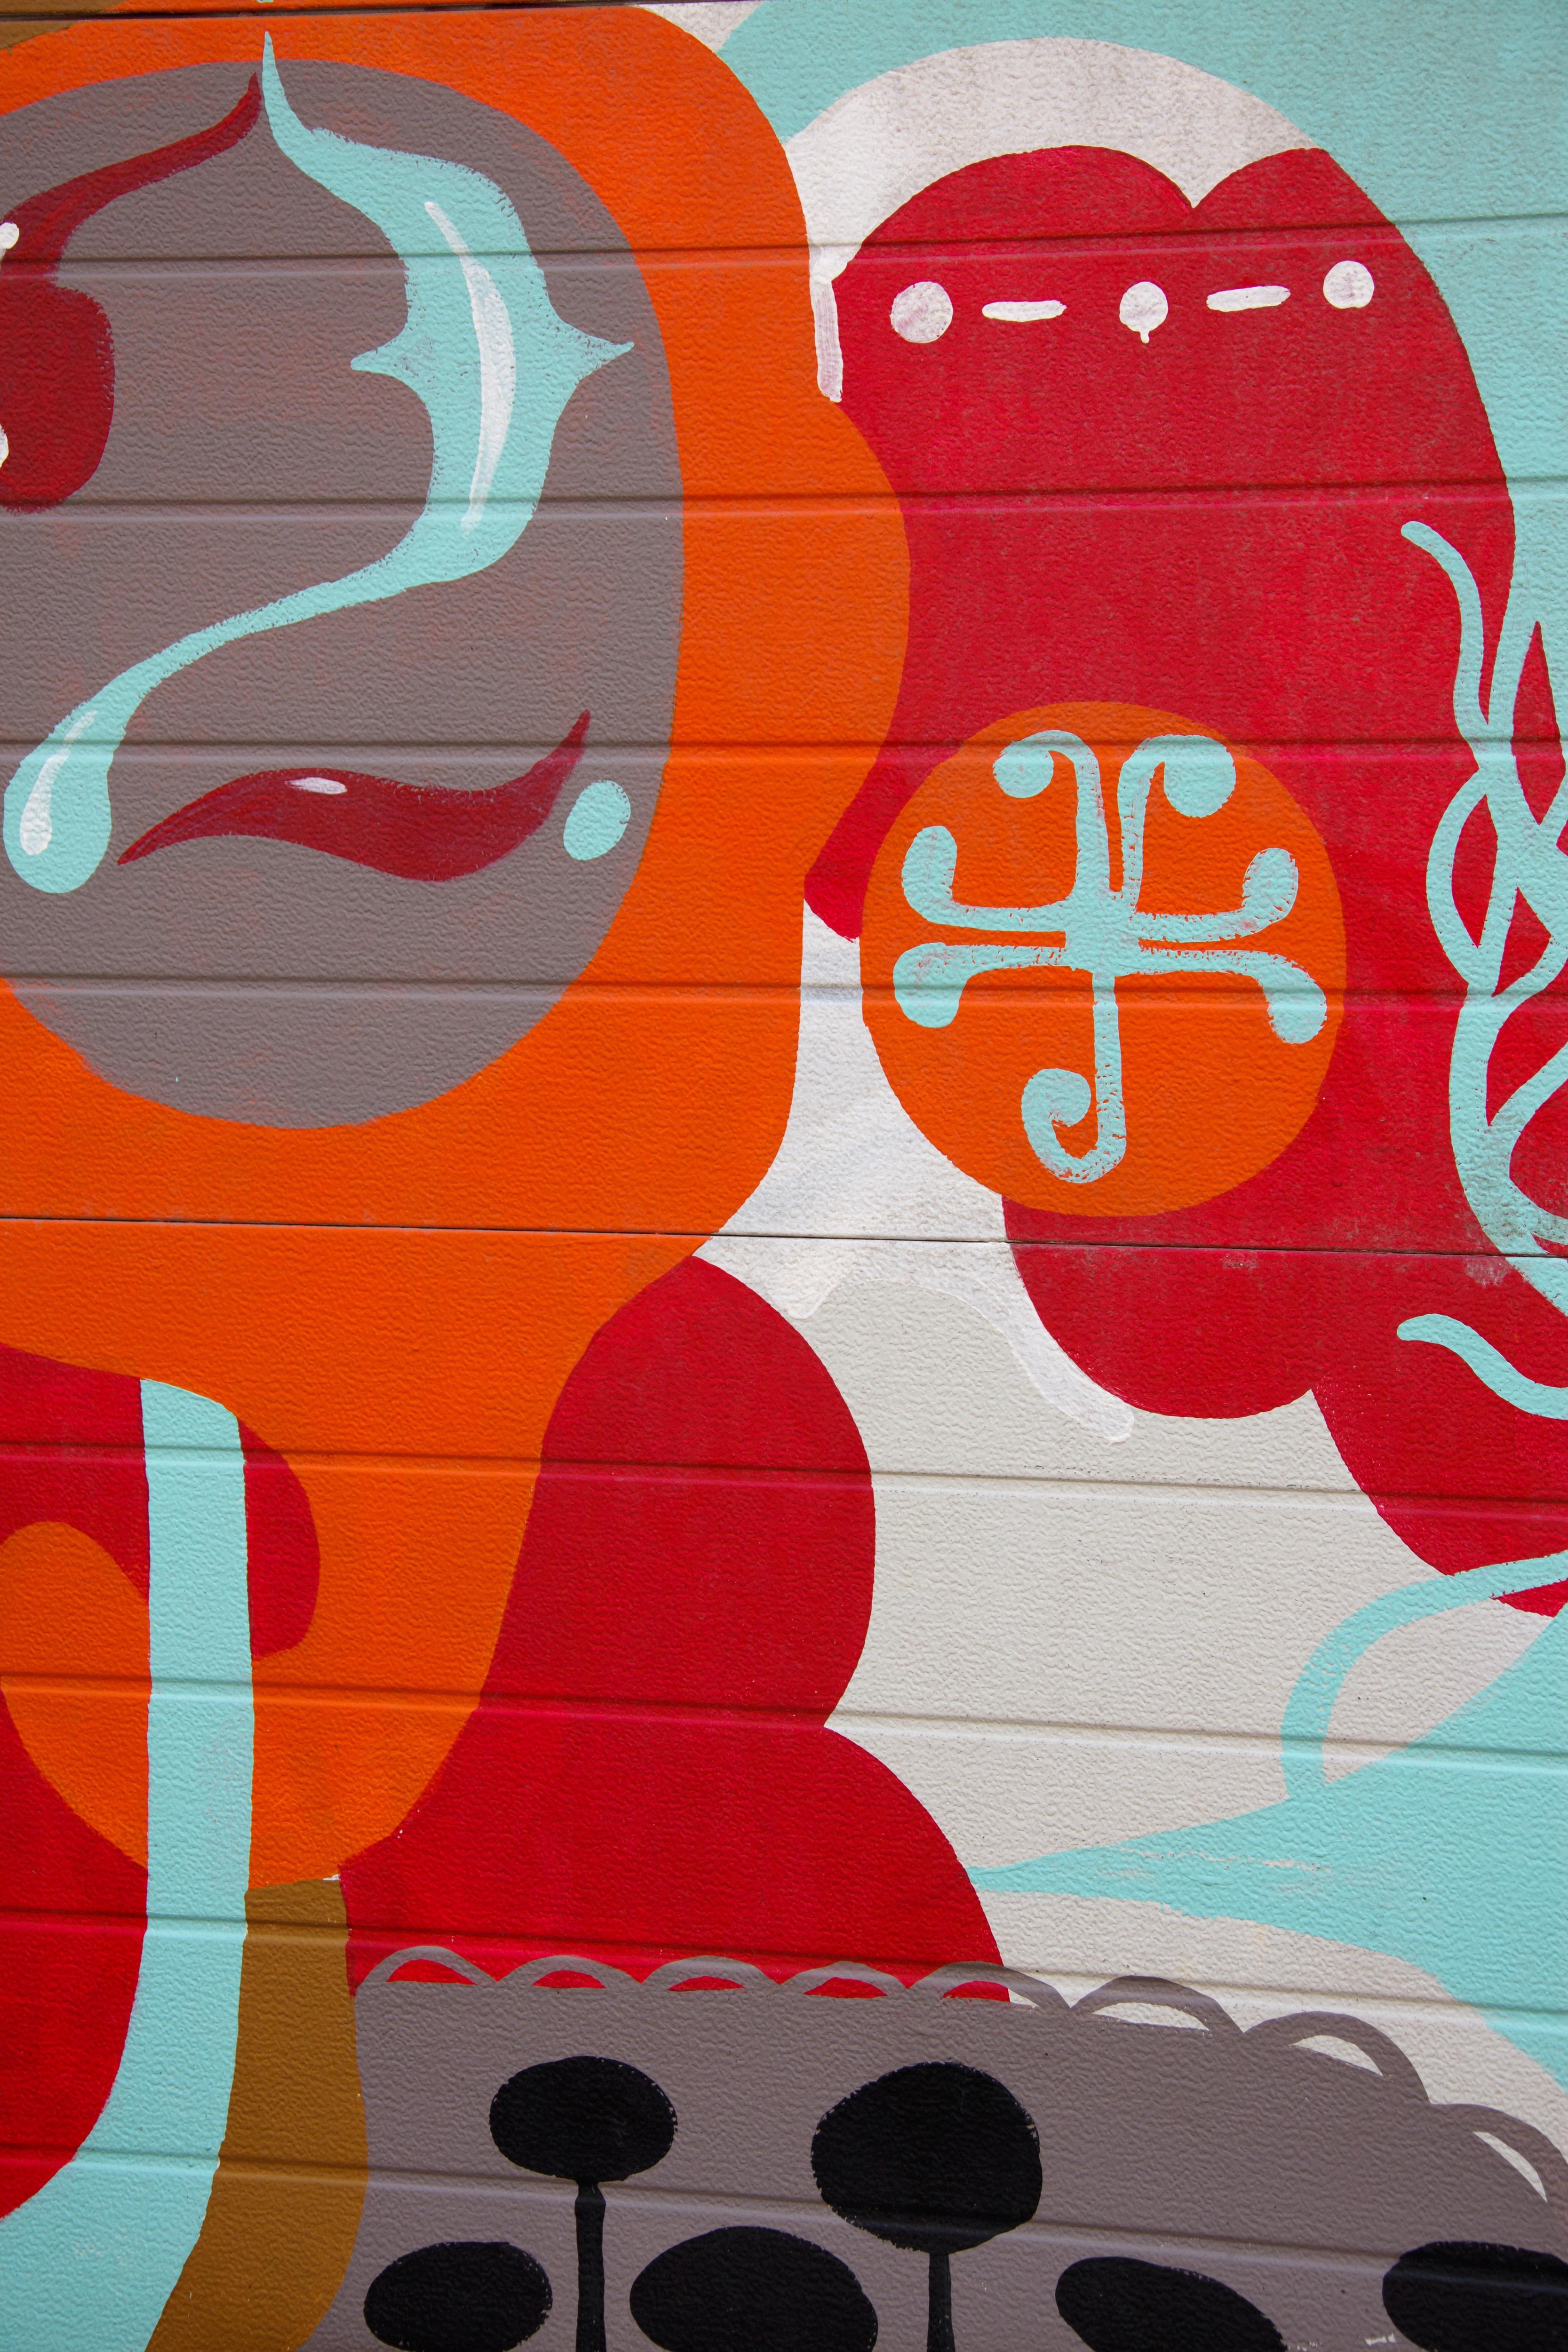 Images Gratuites Abstrait Rue Texture Nombre Urbain